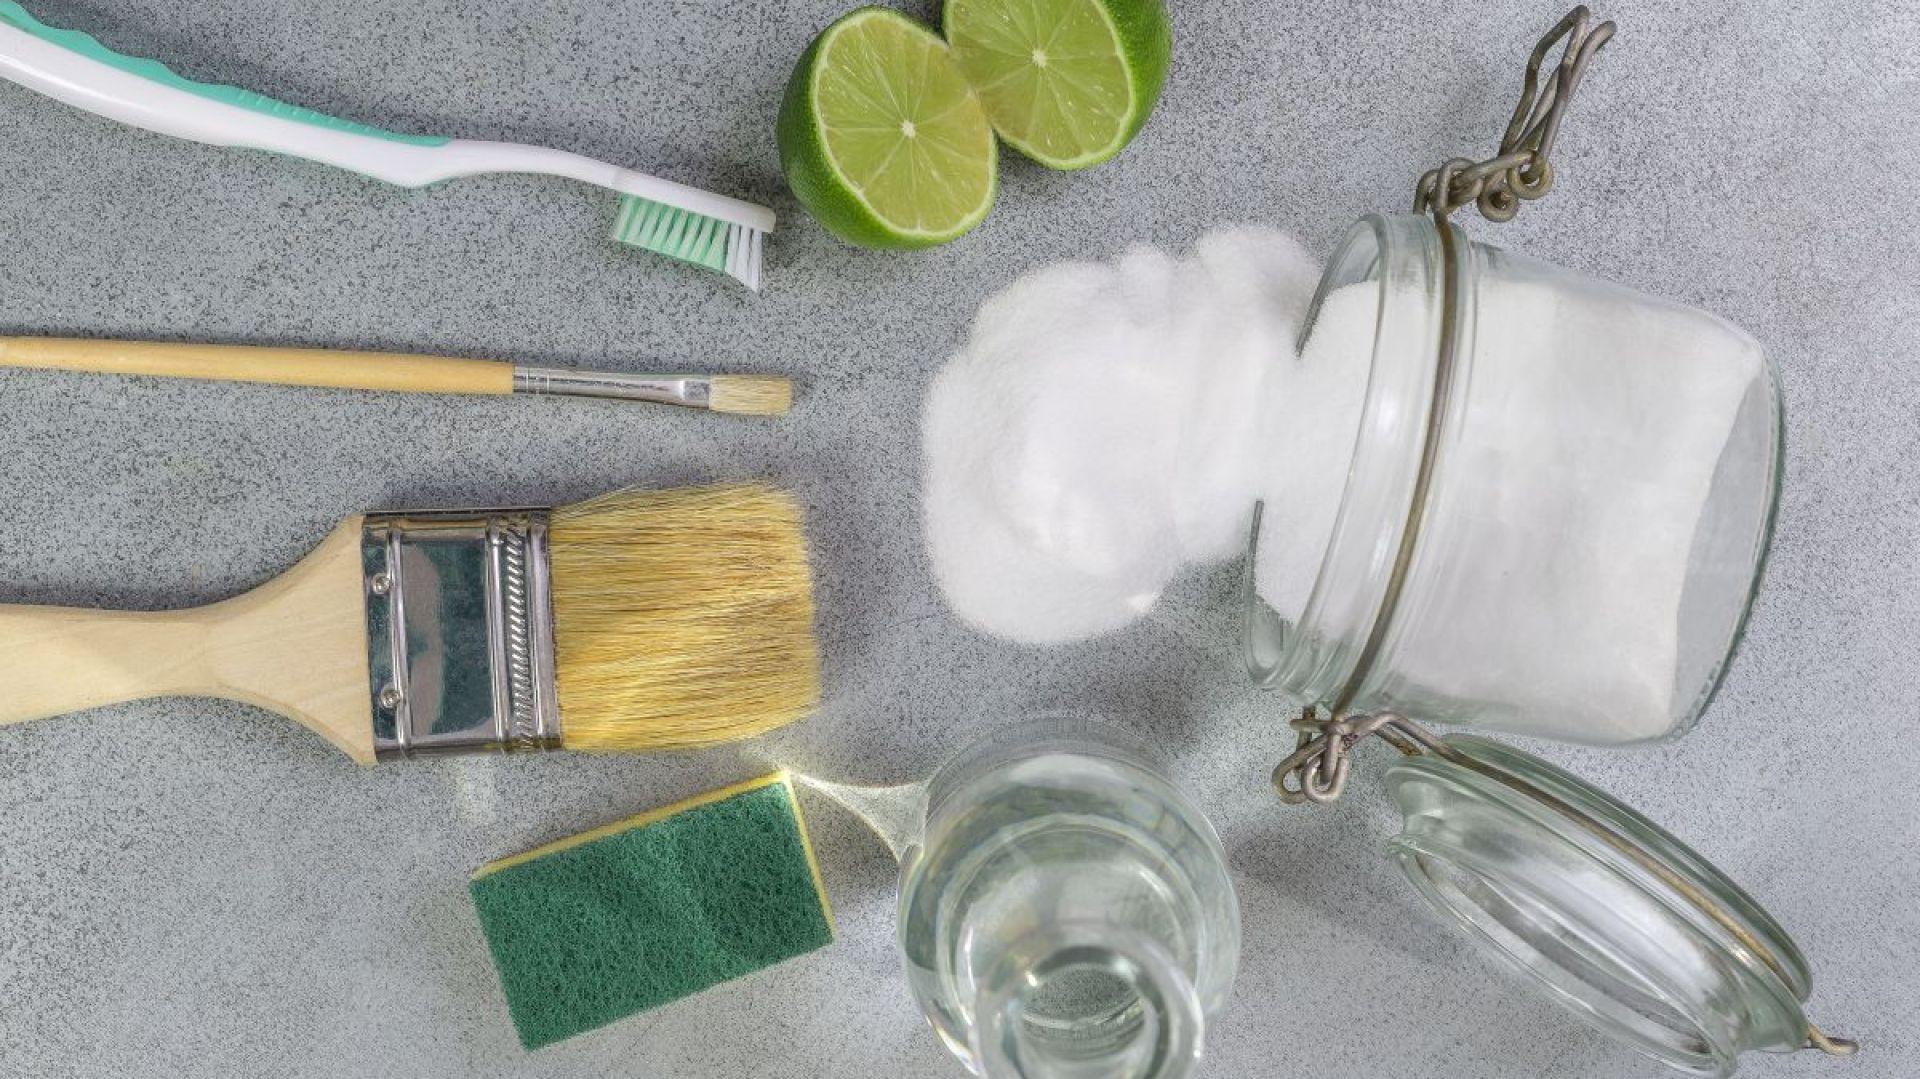 Szczoteczka do zębów, soda oczyszczona, sok z limonki - te przedmioty idealnie sprawdzą się podczas domowych porządków. Fot. Materiały prasowe Worwo